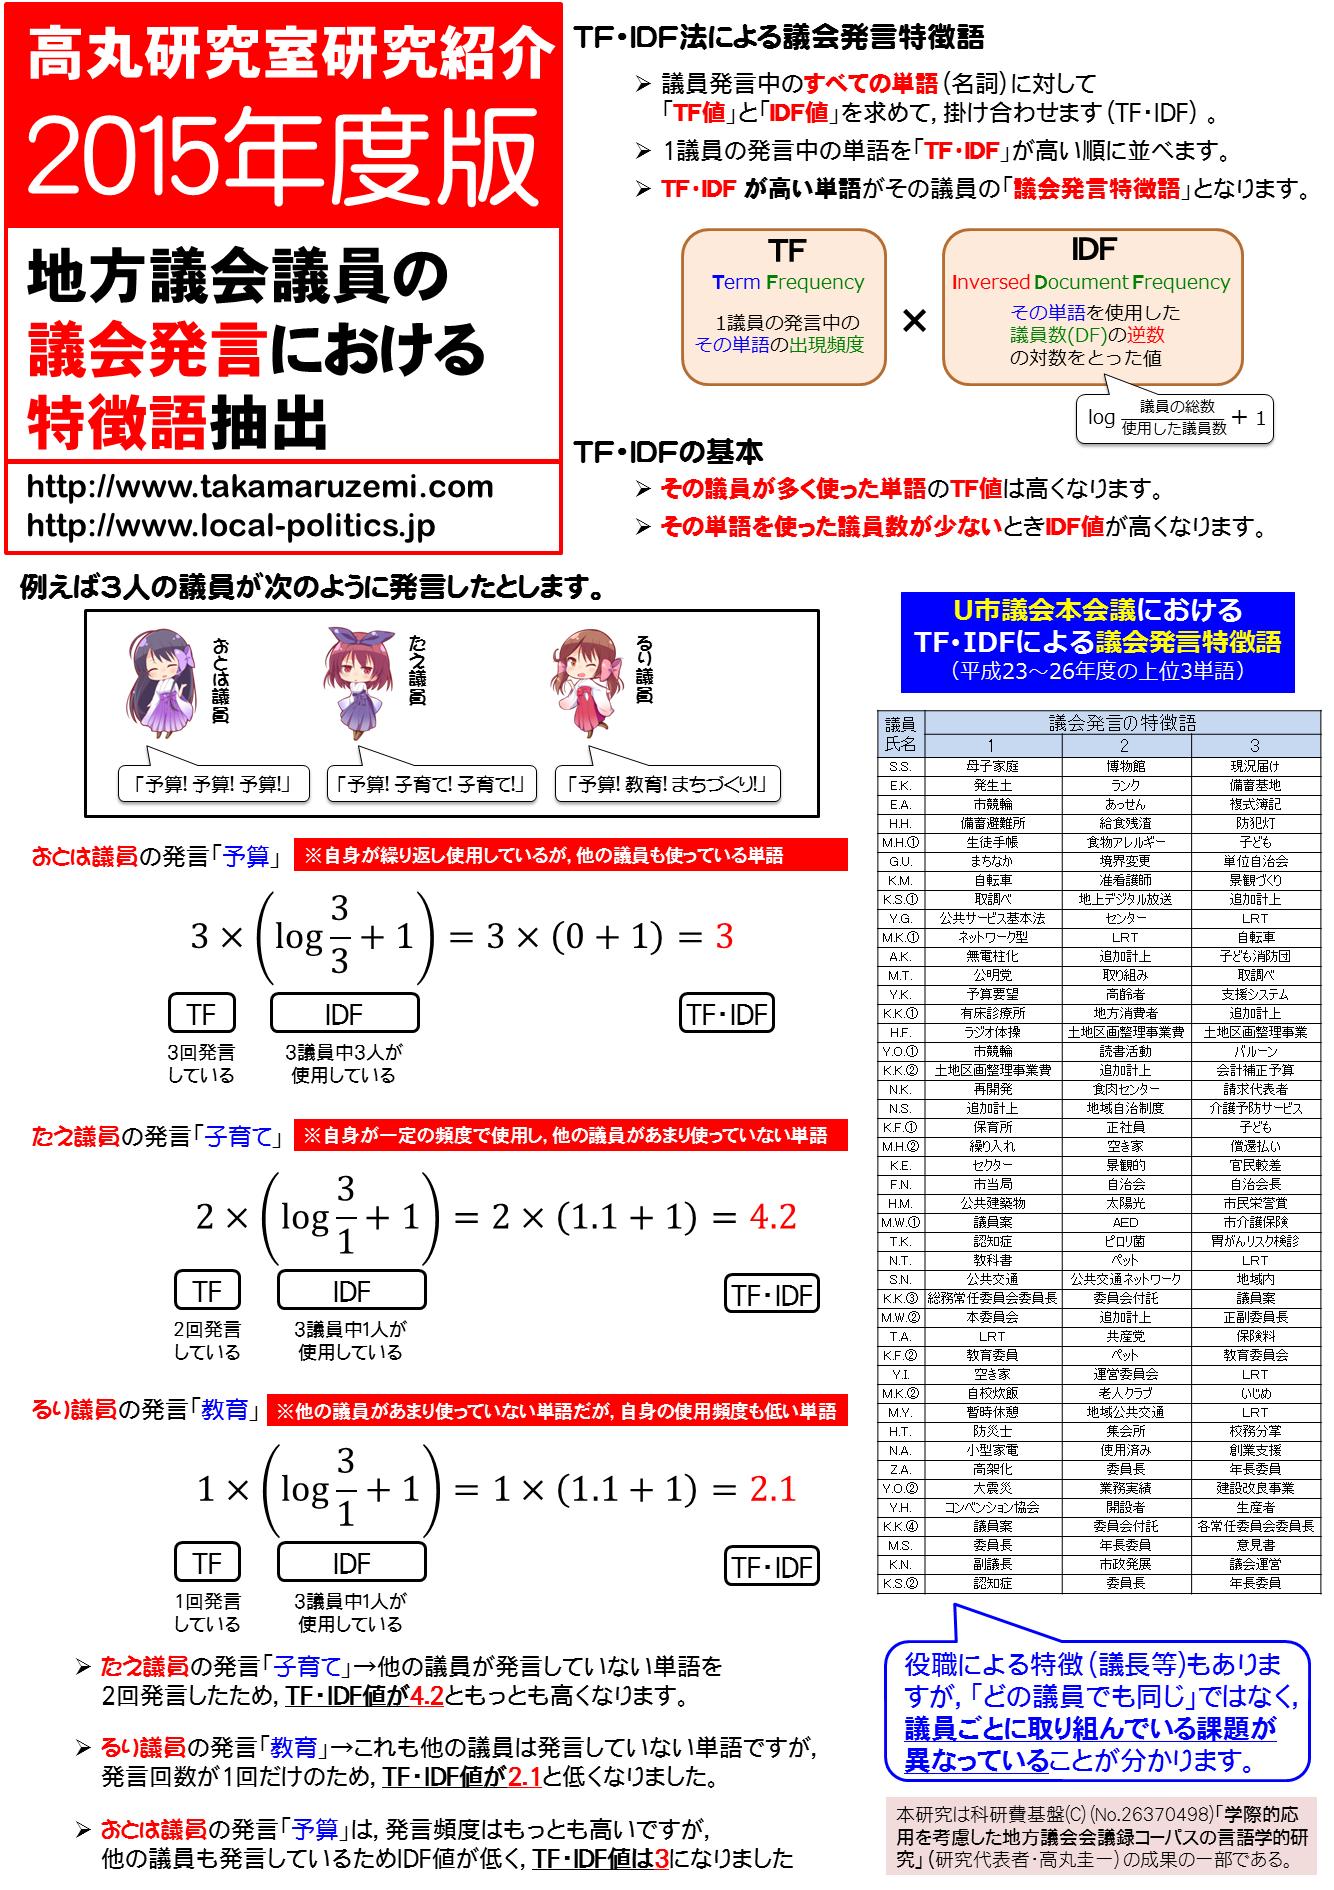 研究紹介2015